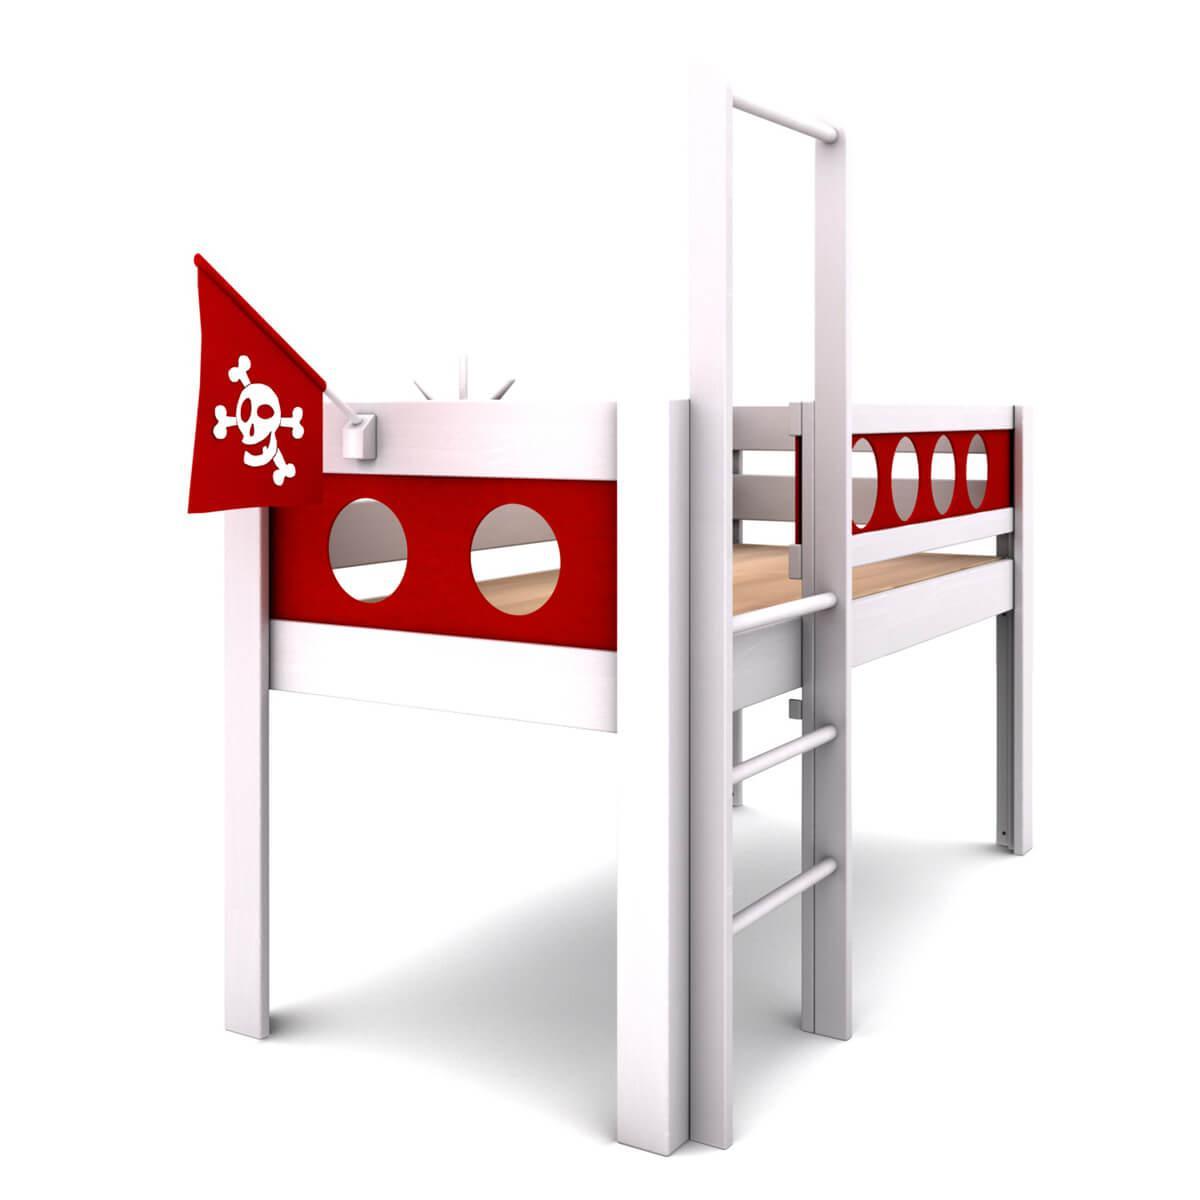 Cama media alta Pirata DELUXE de Breuyn blanco-rojo